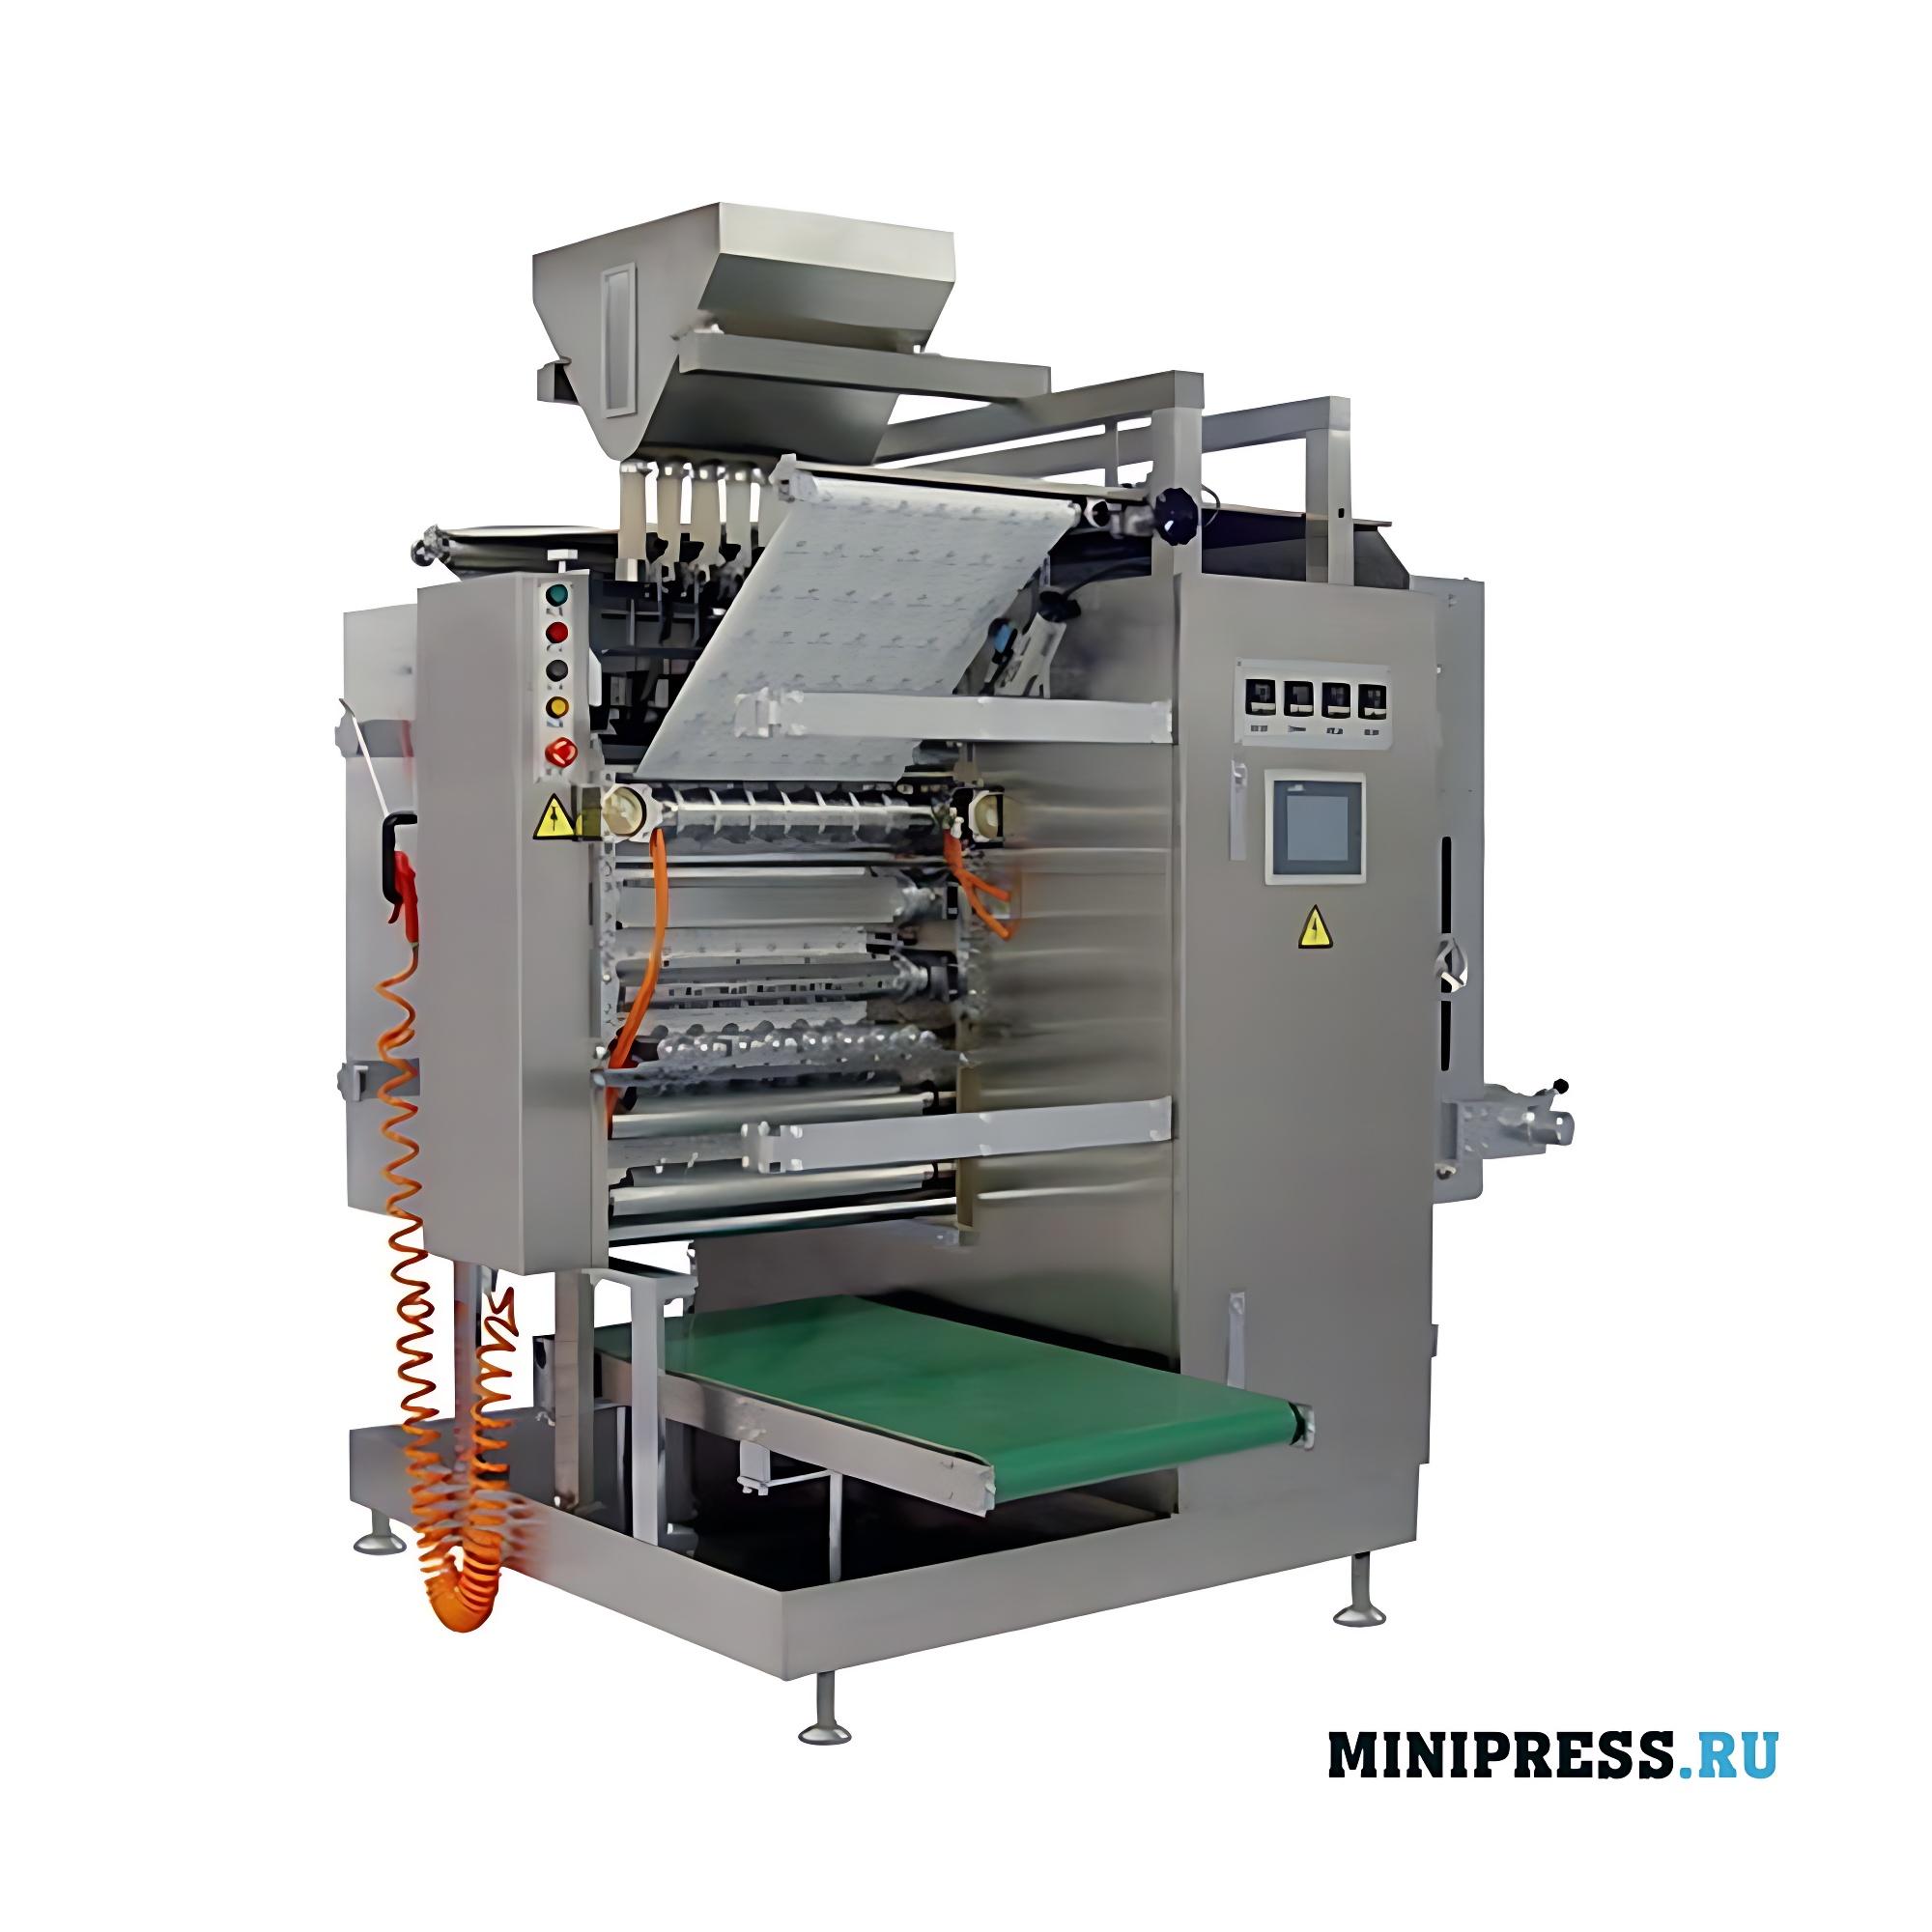 Многоручьевое оборудование для упаковки гранул в пакетики саше